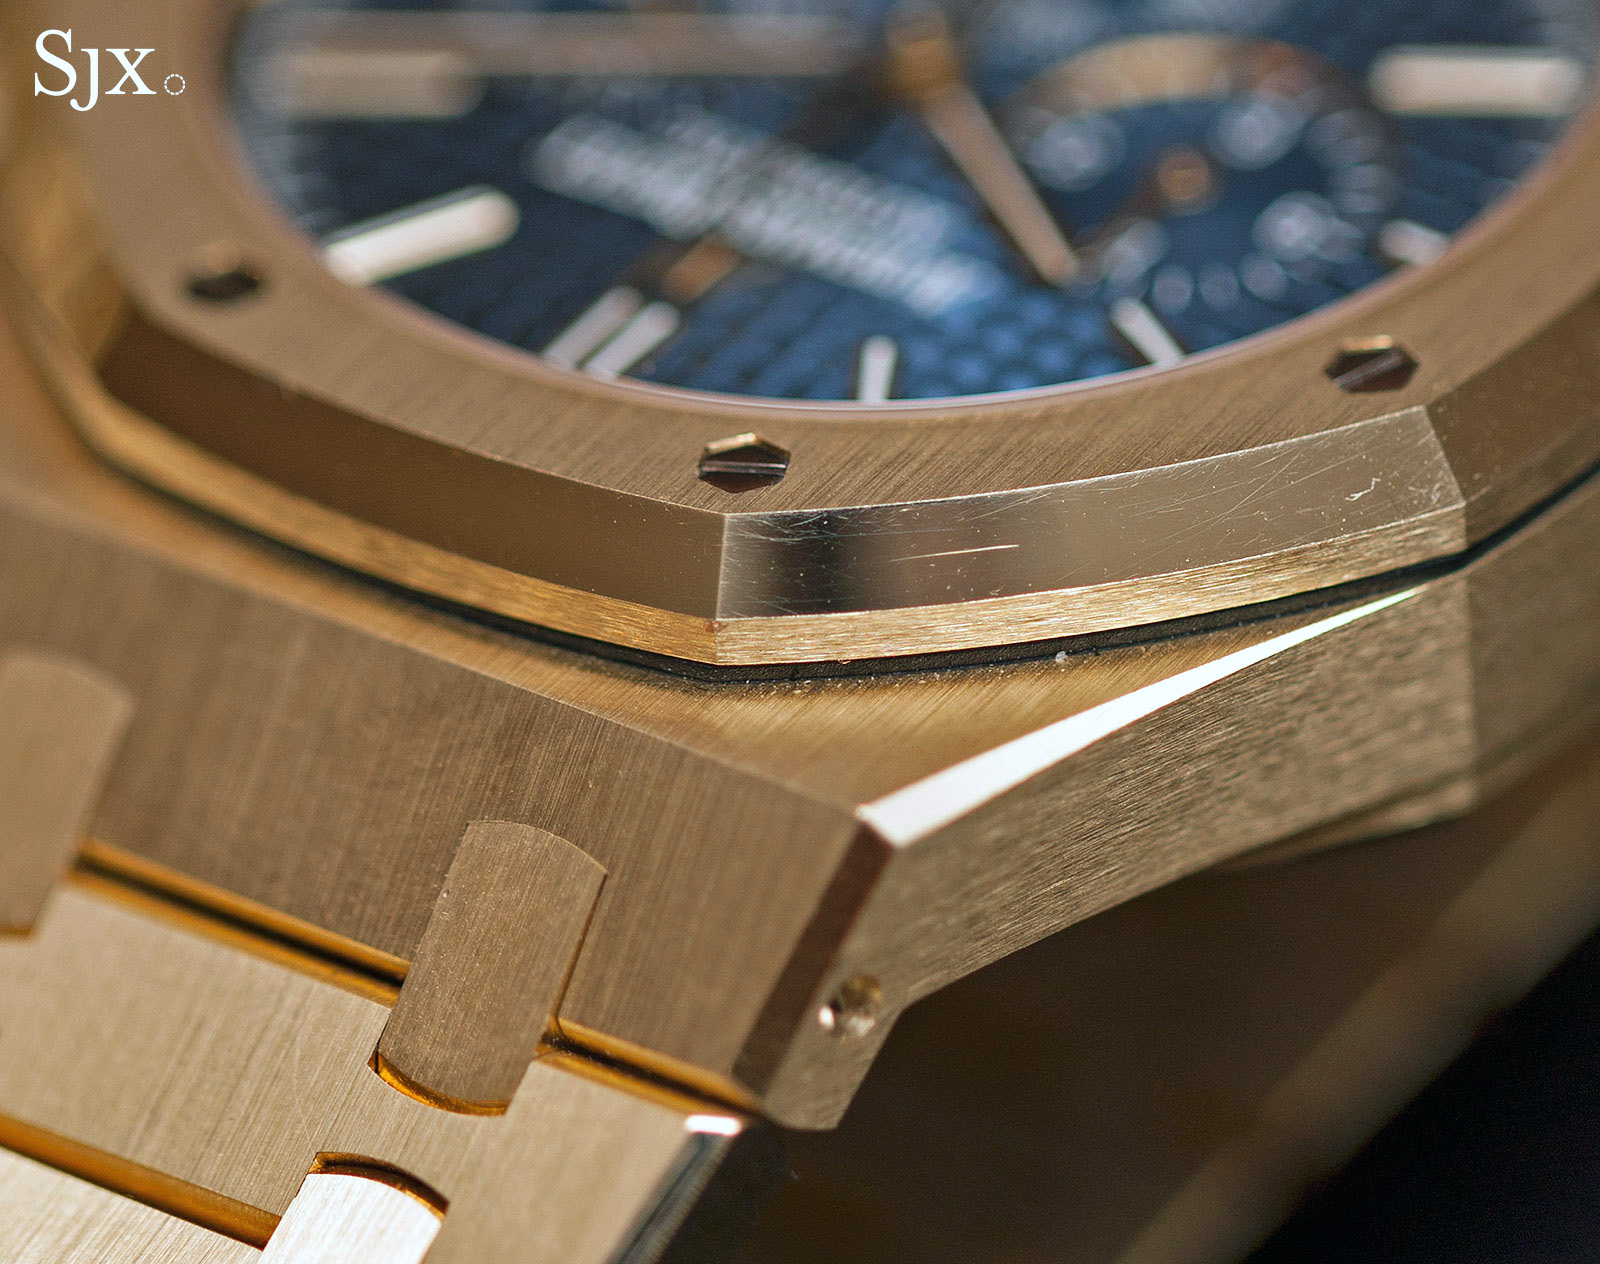 Audemars Piguet Royal Oak Chronograph 41 mm yellow gold 4